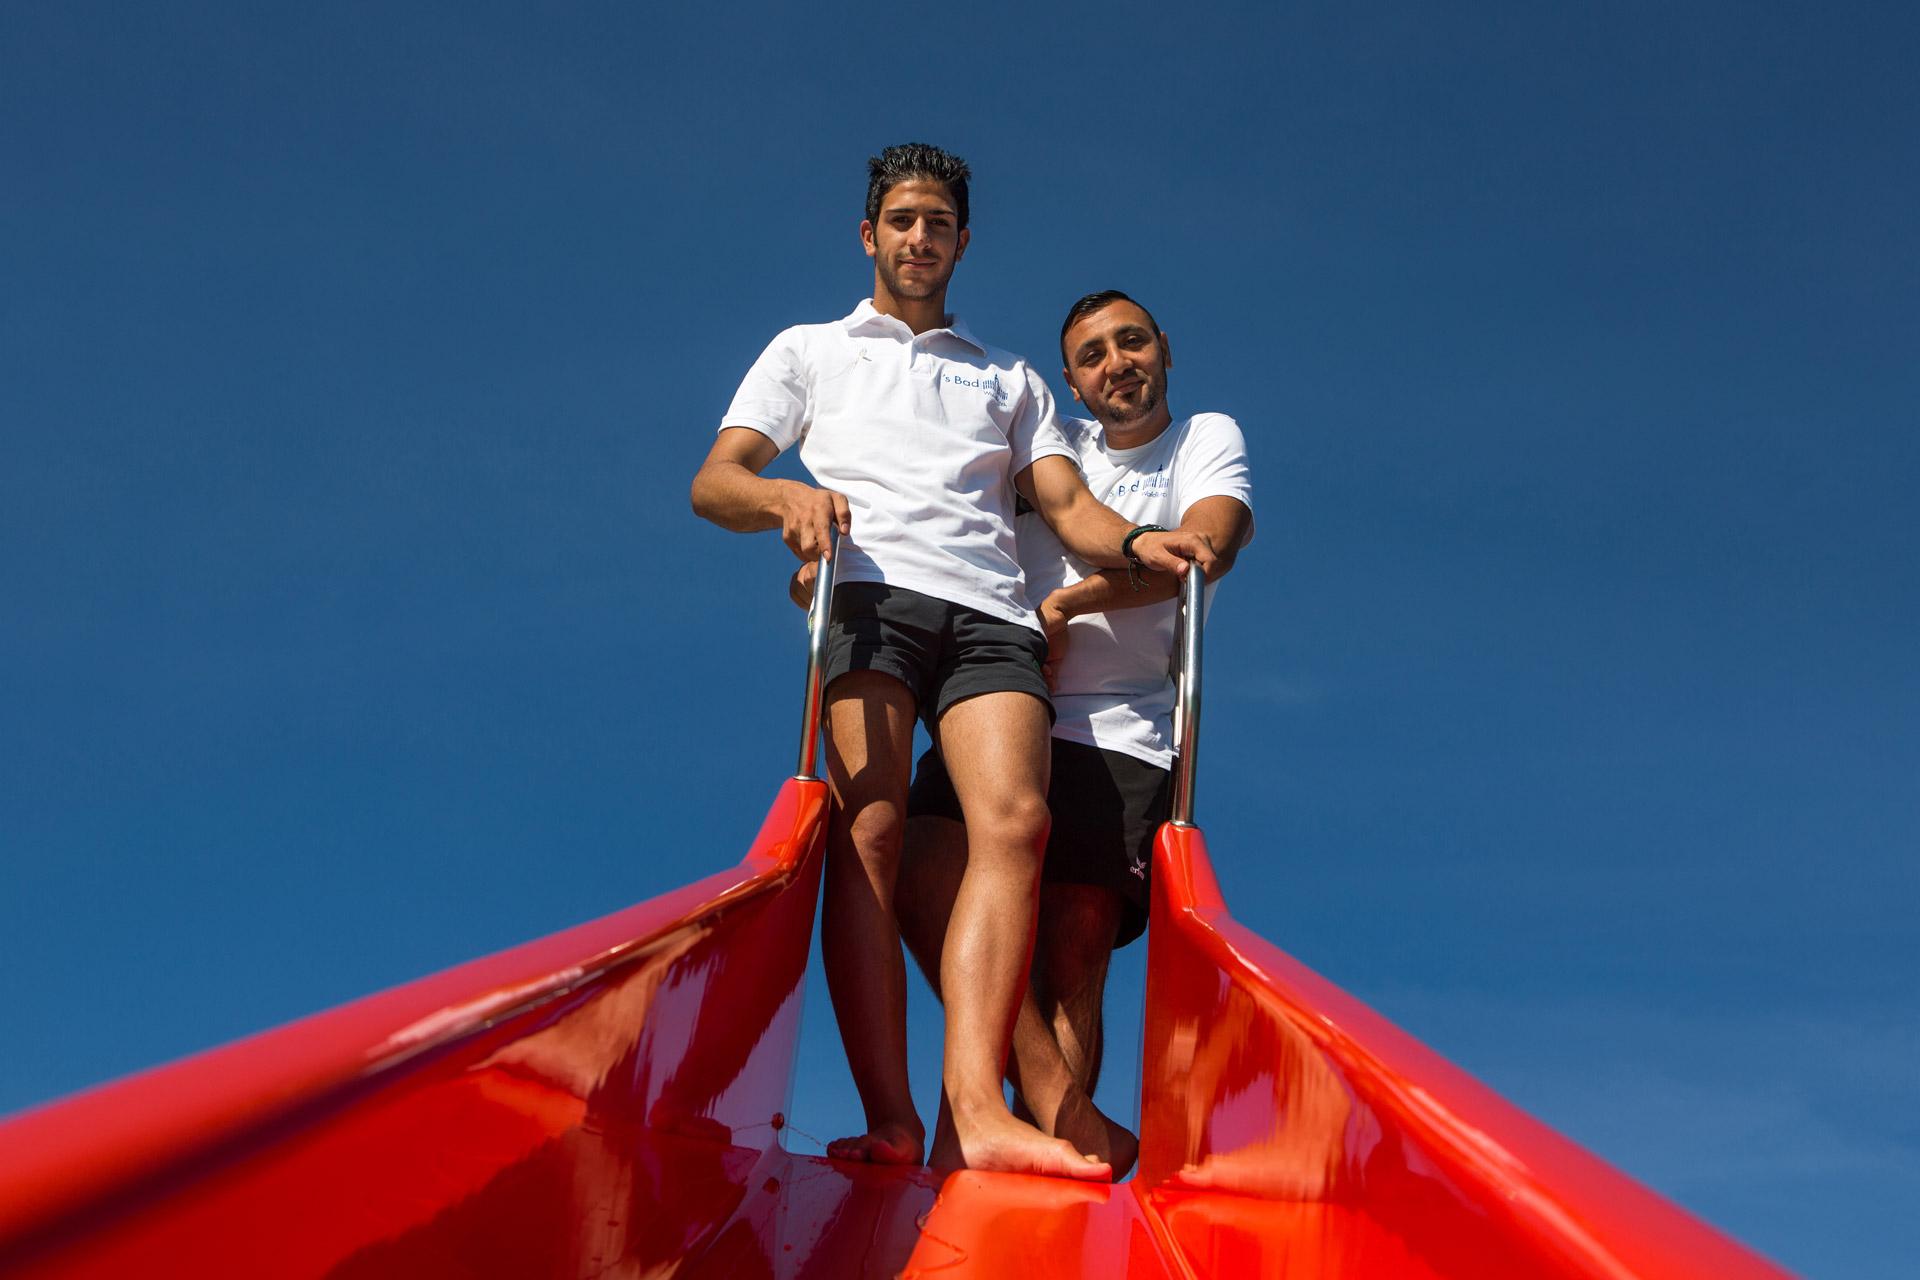 """Qusay Alkhafaji und Yasar Alansari arbeiten als Rettungsschwimmer. Trotz üblicher Diskussionen, werden die Flüchtlinge in Waldkirch gut angenommen -  """"Der Sprung ins kalte Wasser"""" taz. die tageszeitung 16.09.2016"""